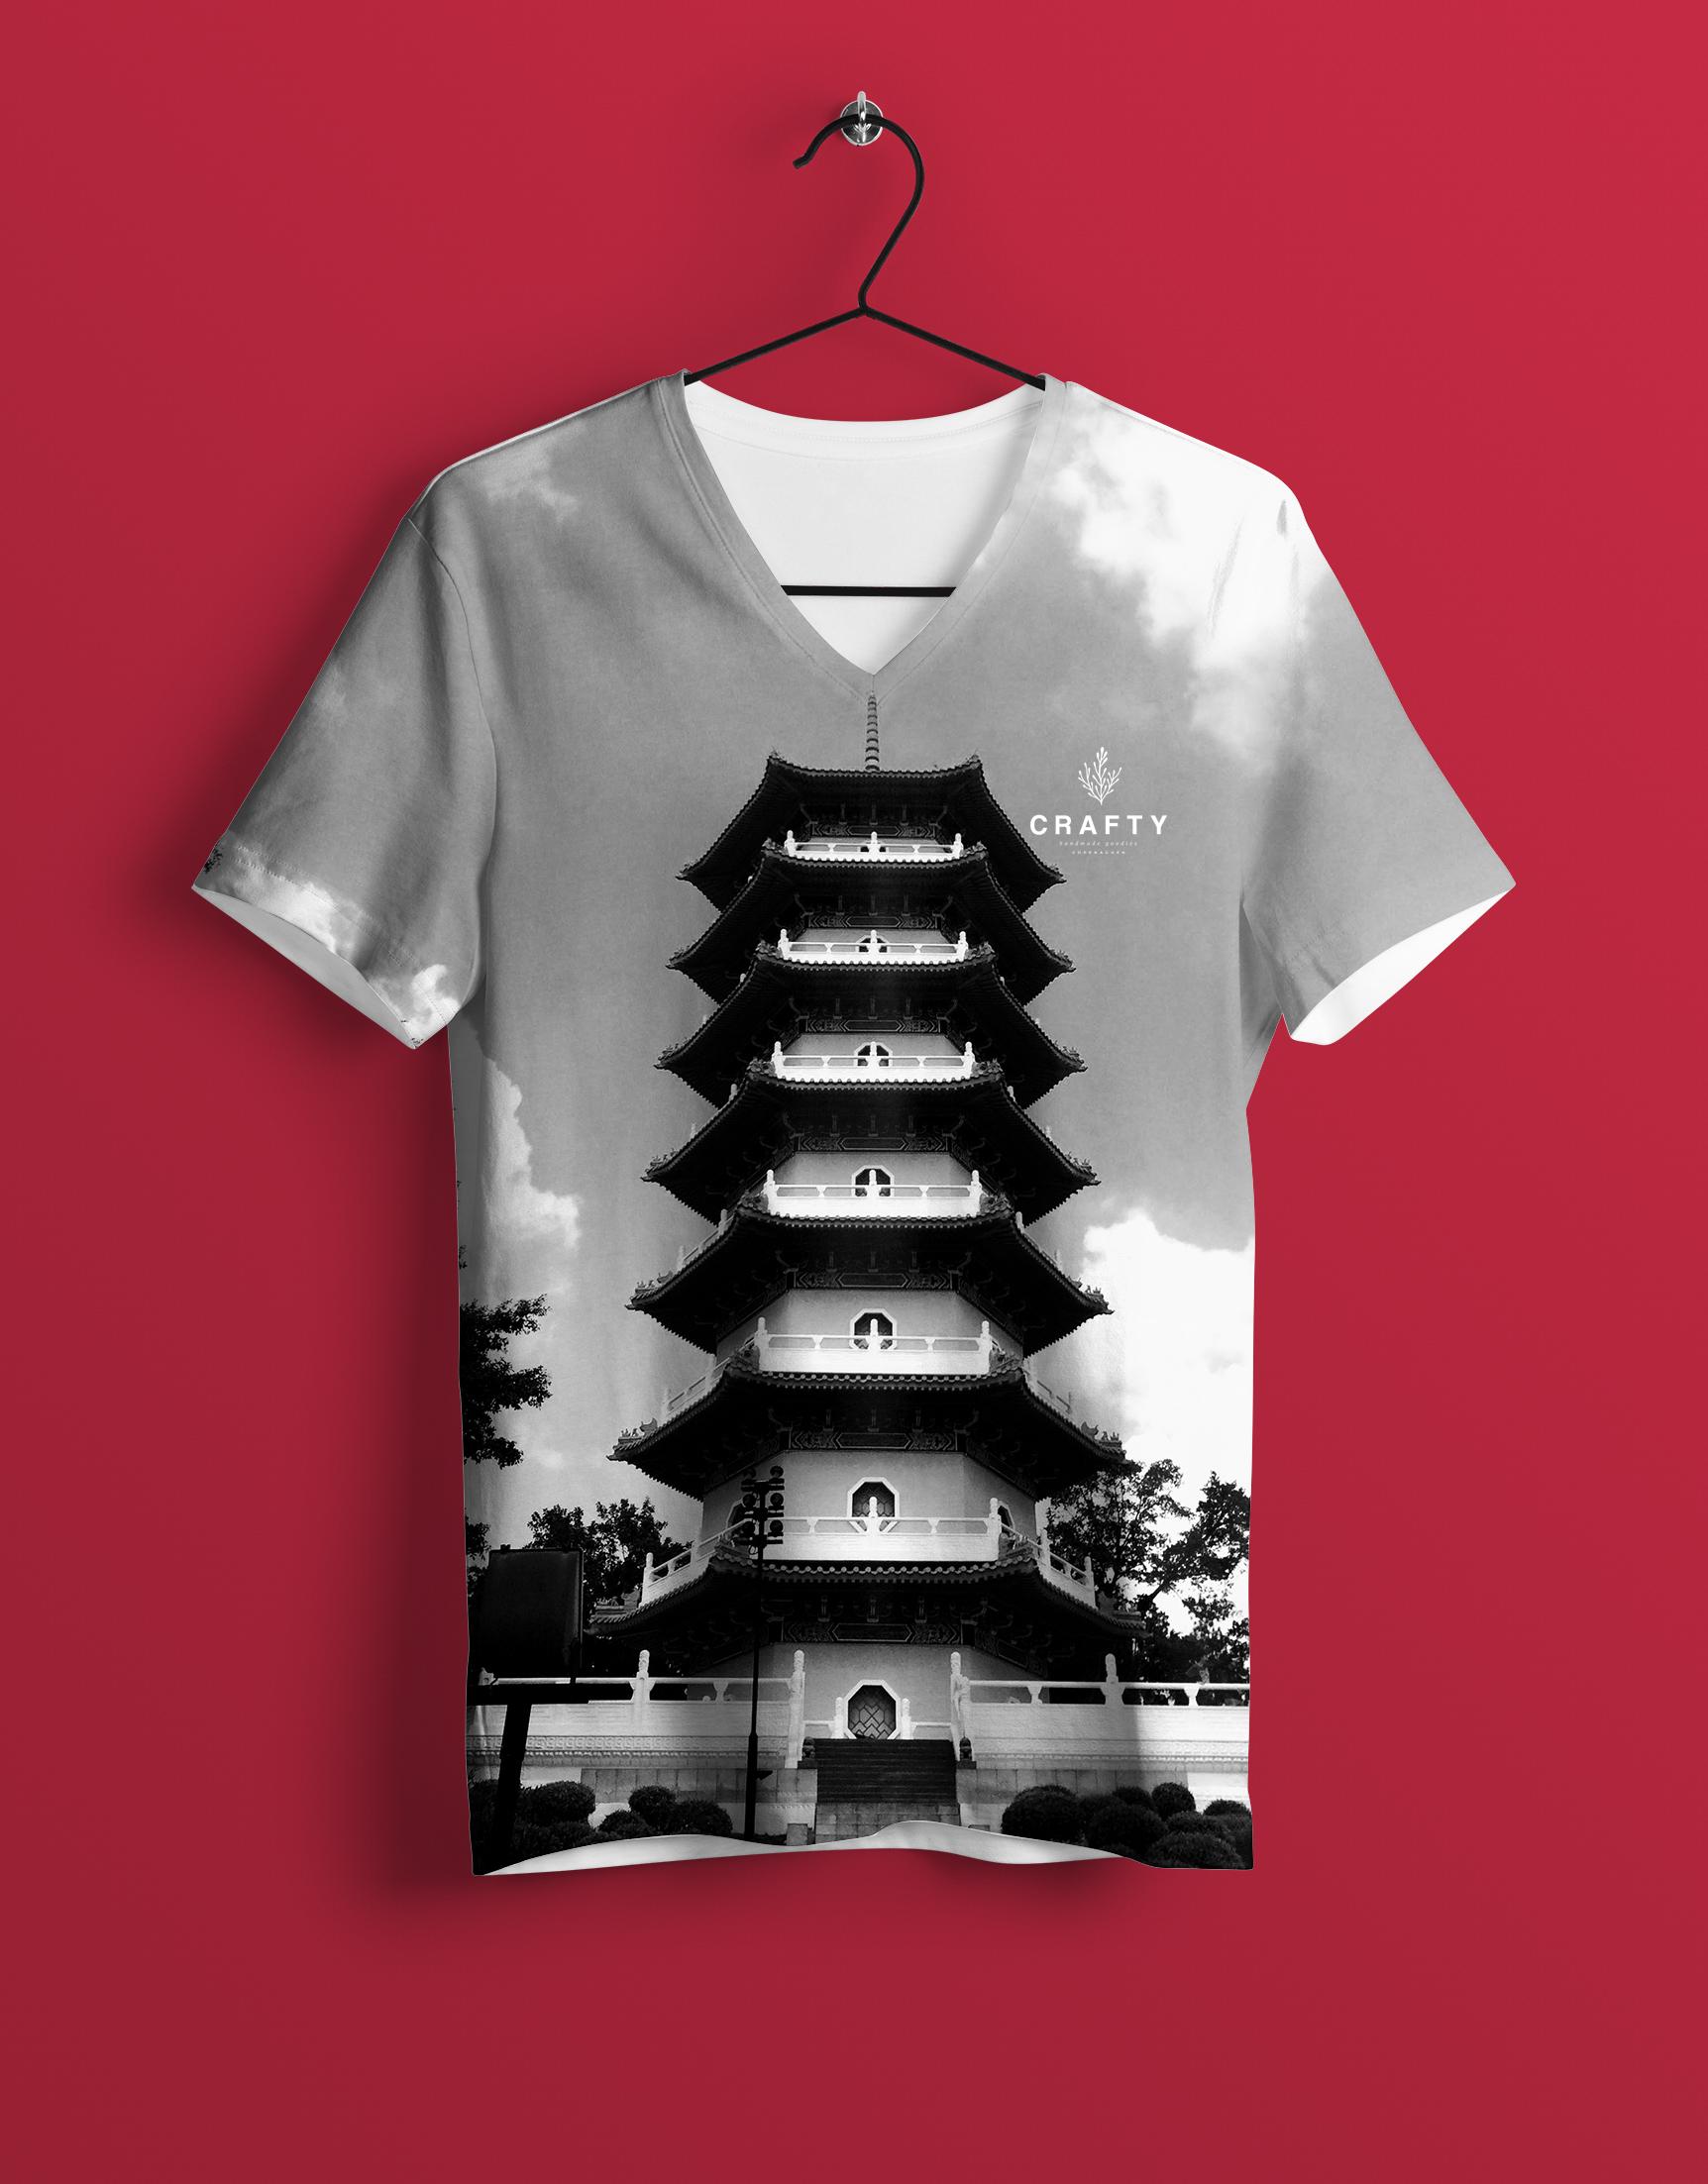 v-neck-female-tshirt-02.jpg